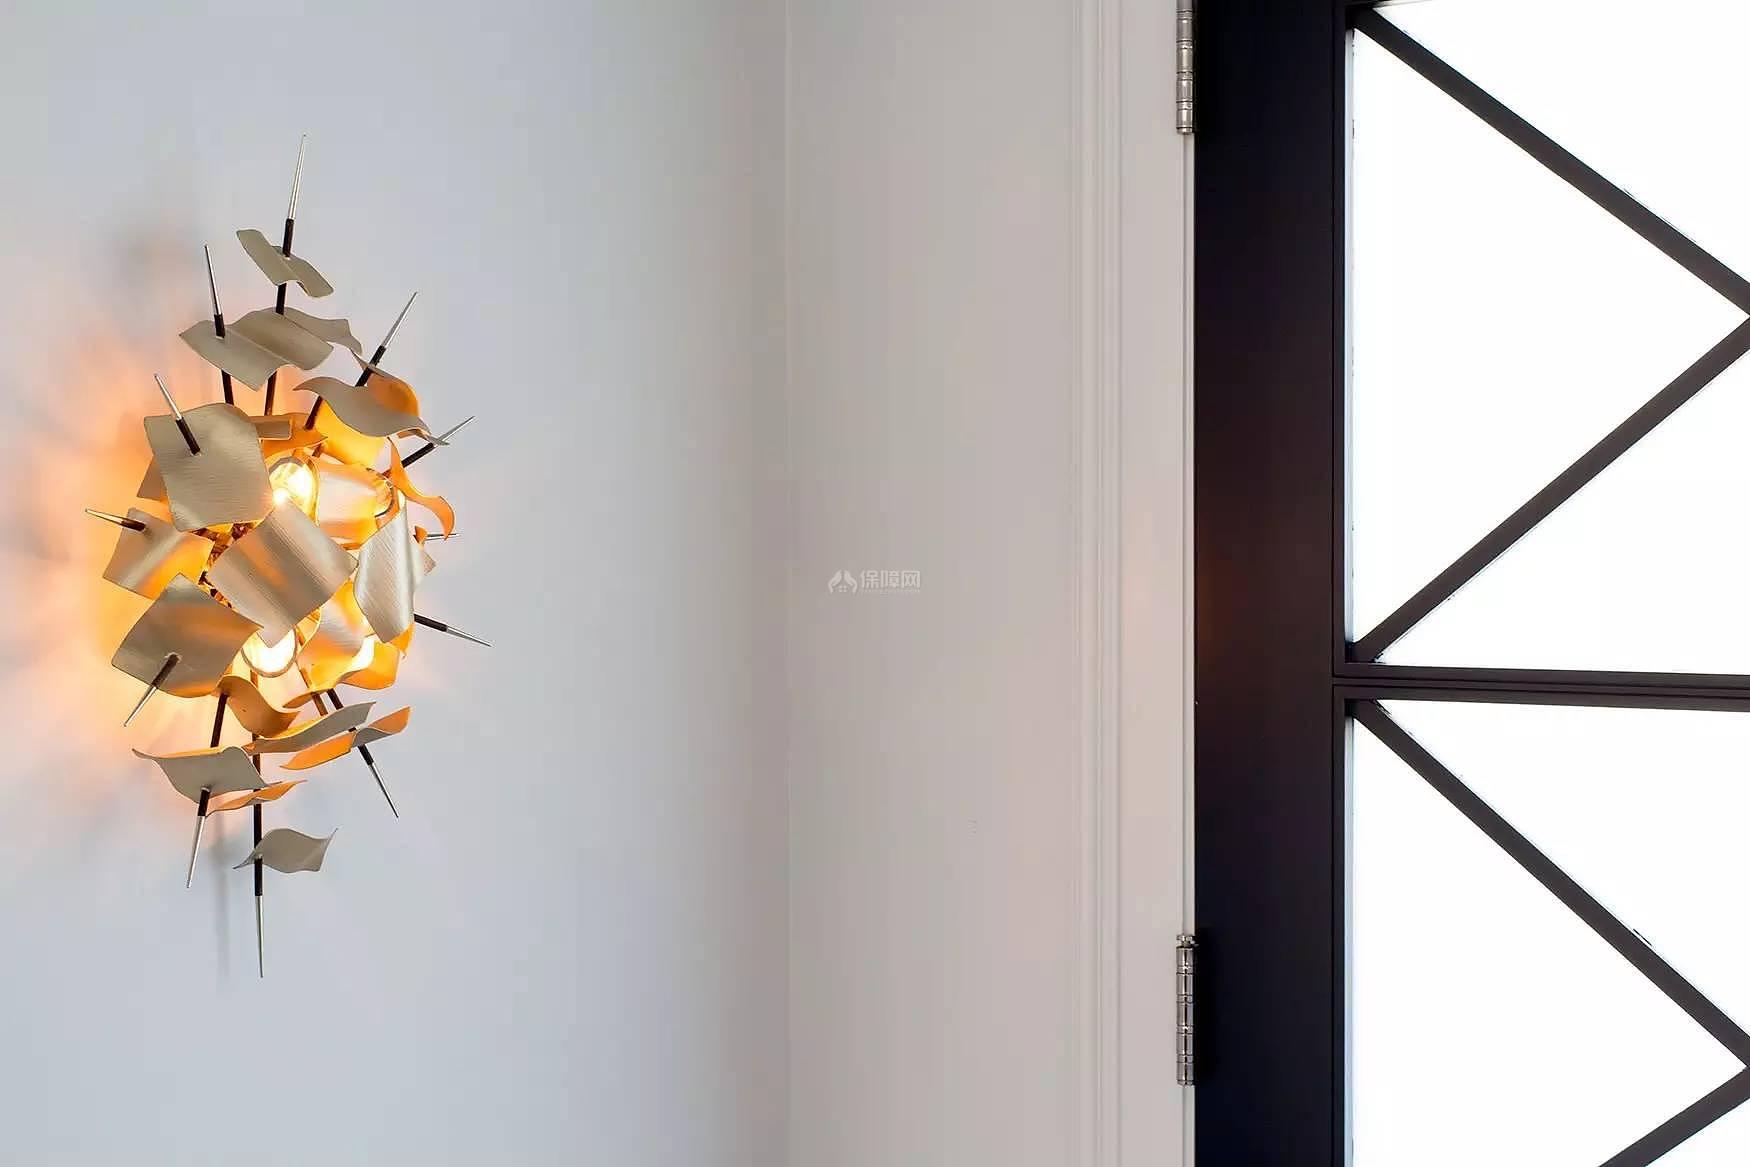 289平时尚大气的别墅之墙面壁灯装饰